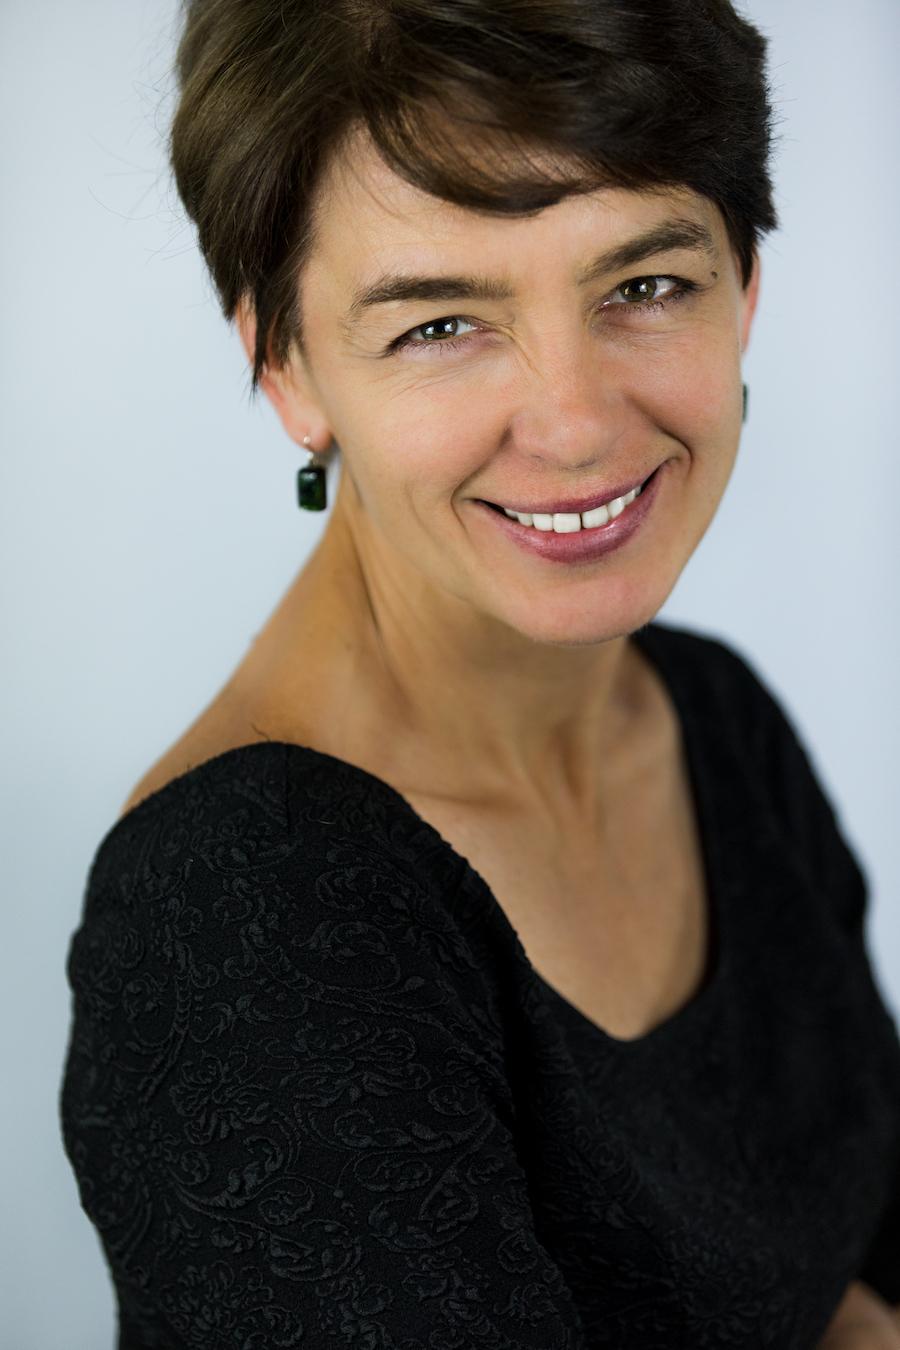 Marianna Nehoda